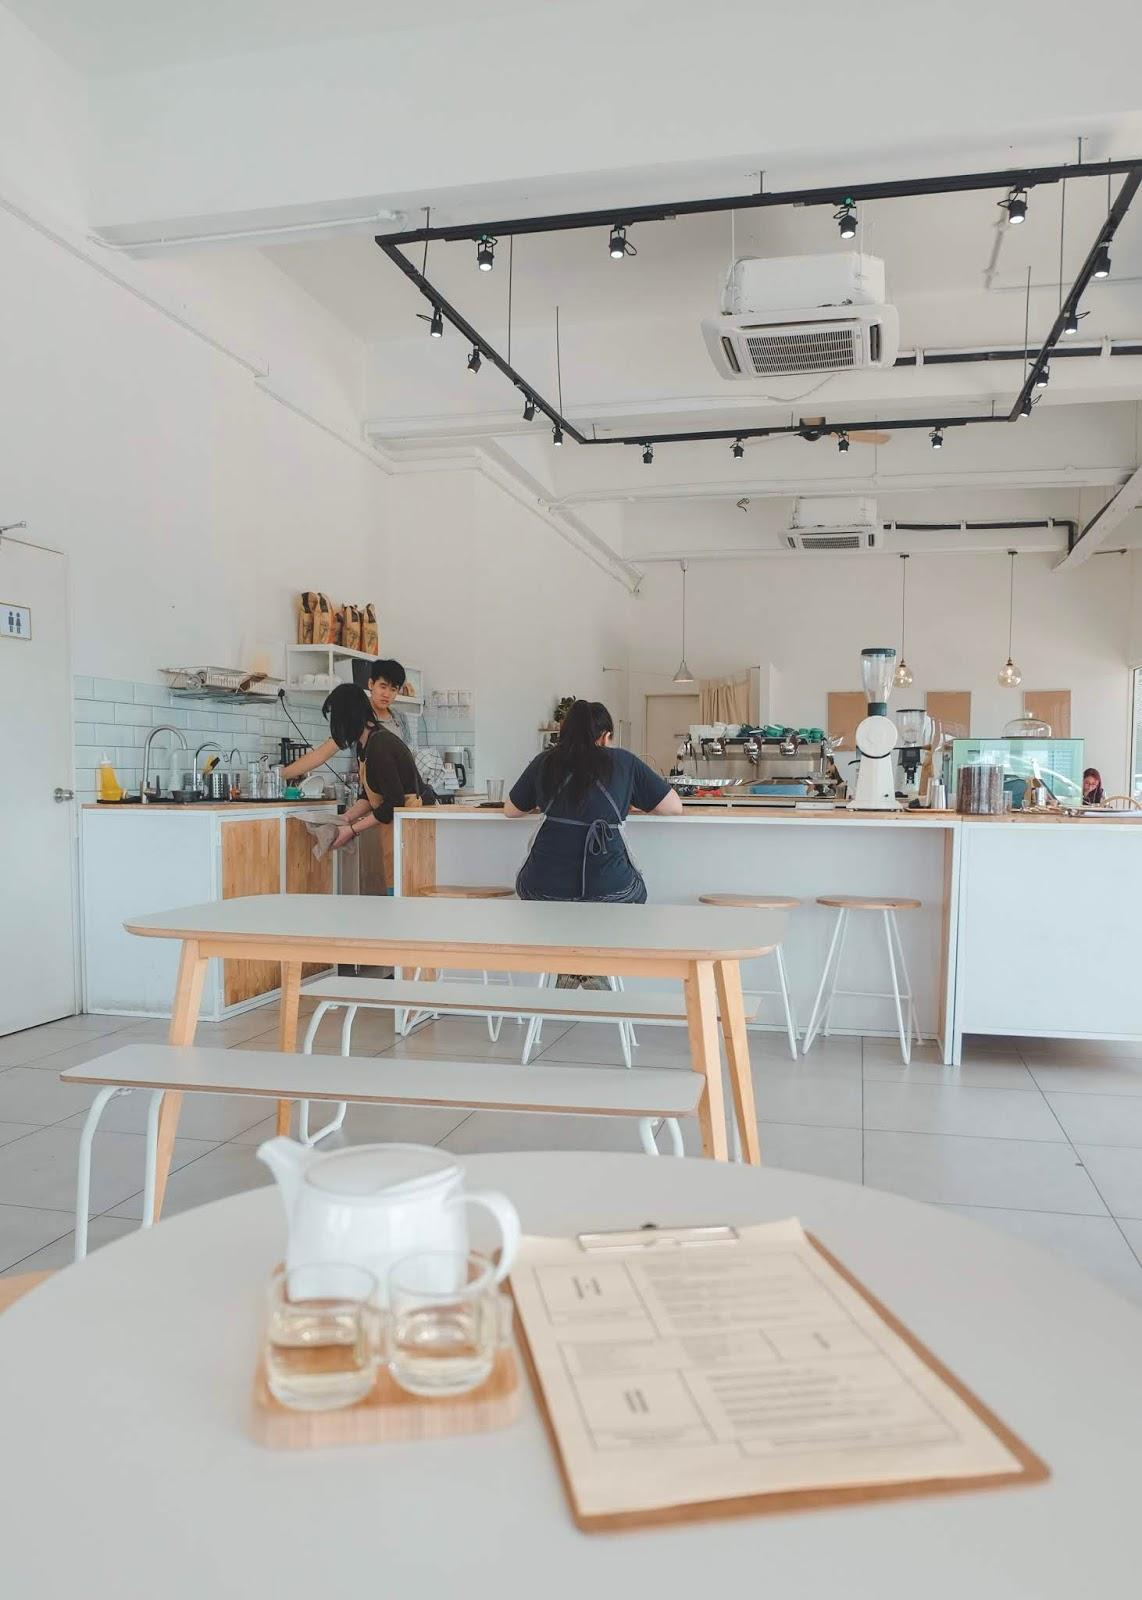 Fuwa Fuwa Pancake Neighbour's Coffee Bar Curitan Aqalili